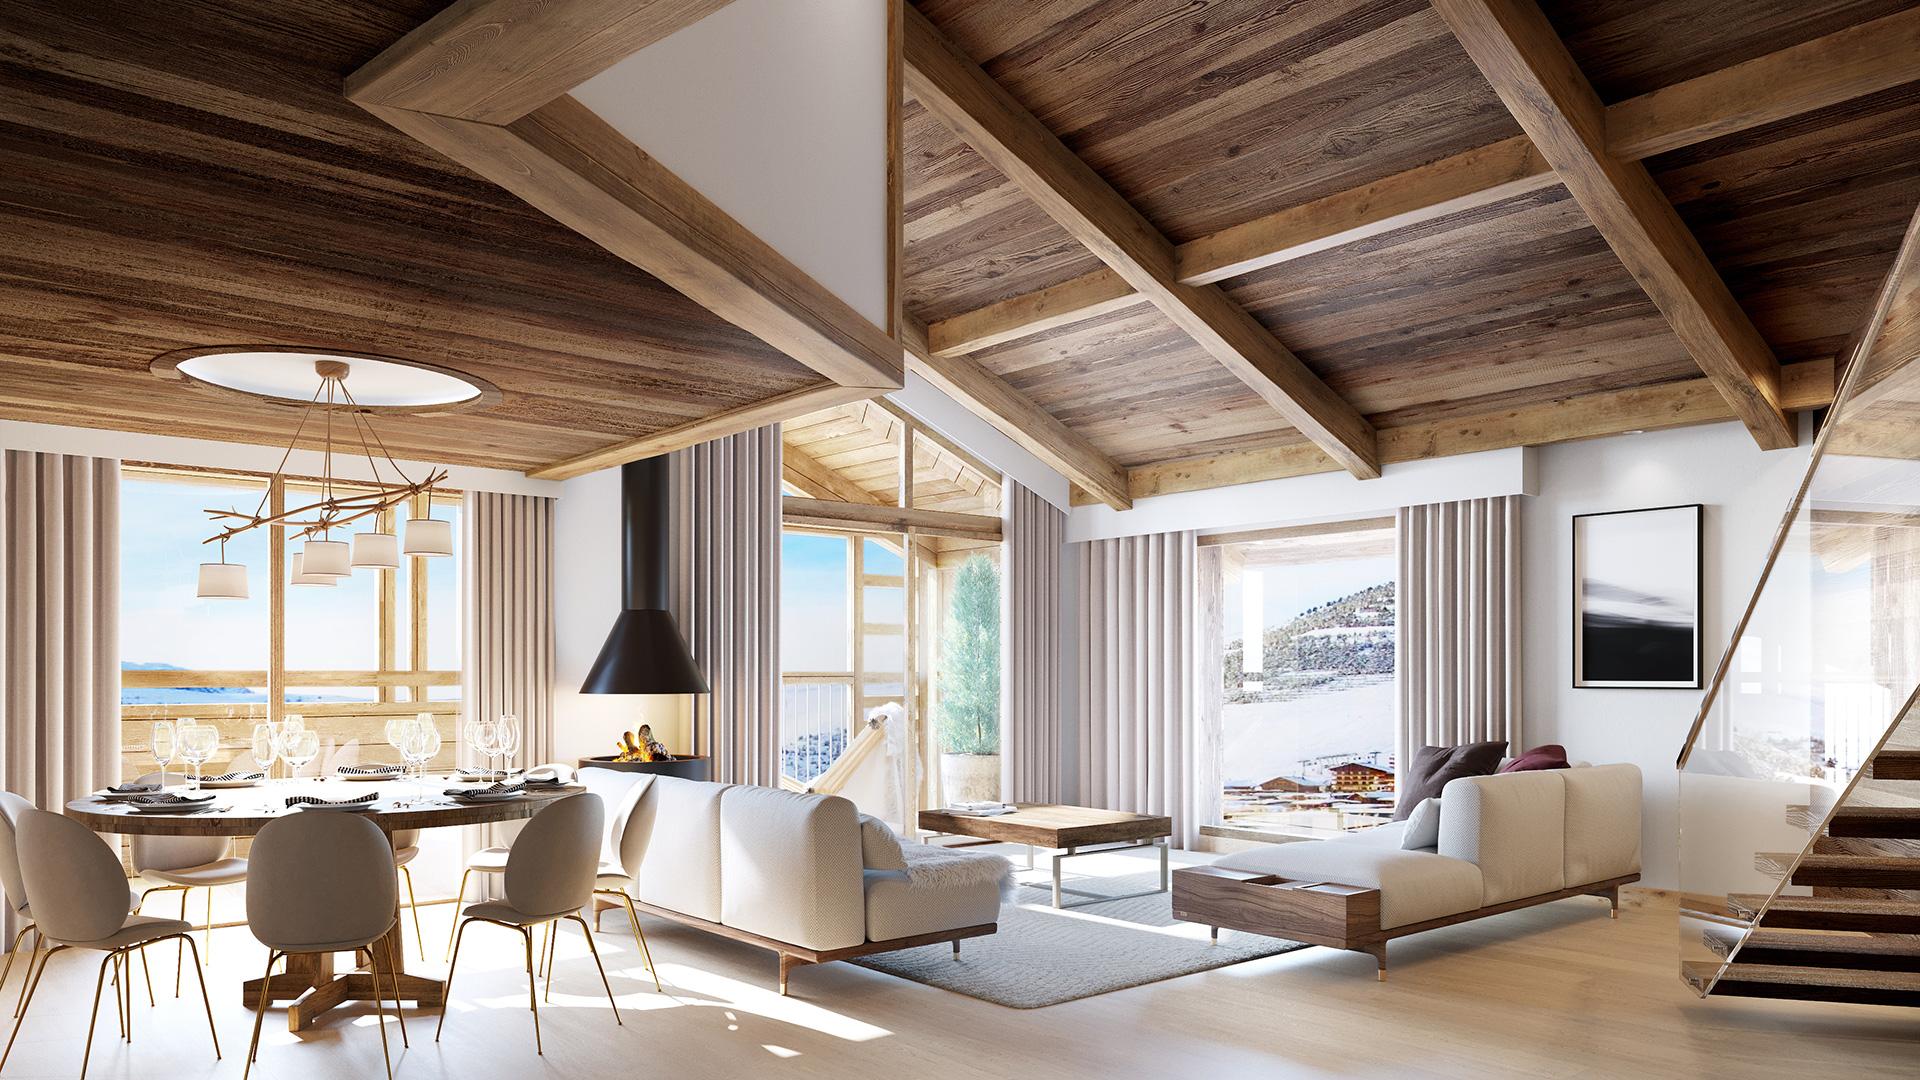 Phoenix 3 Apartments, France